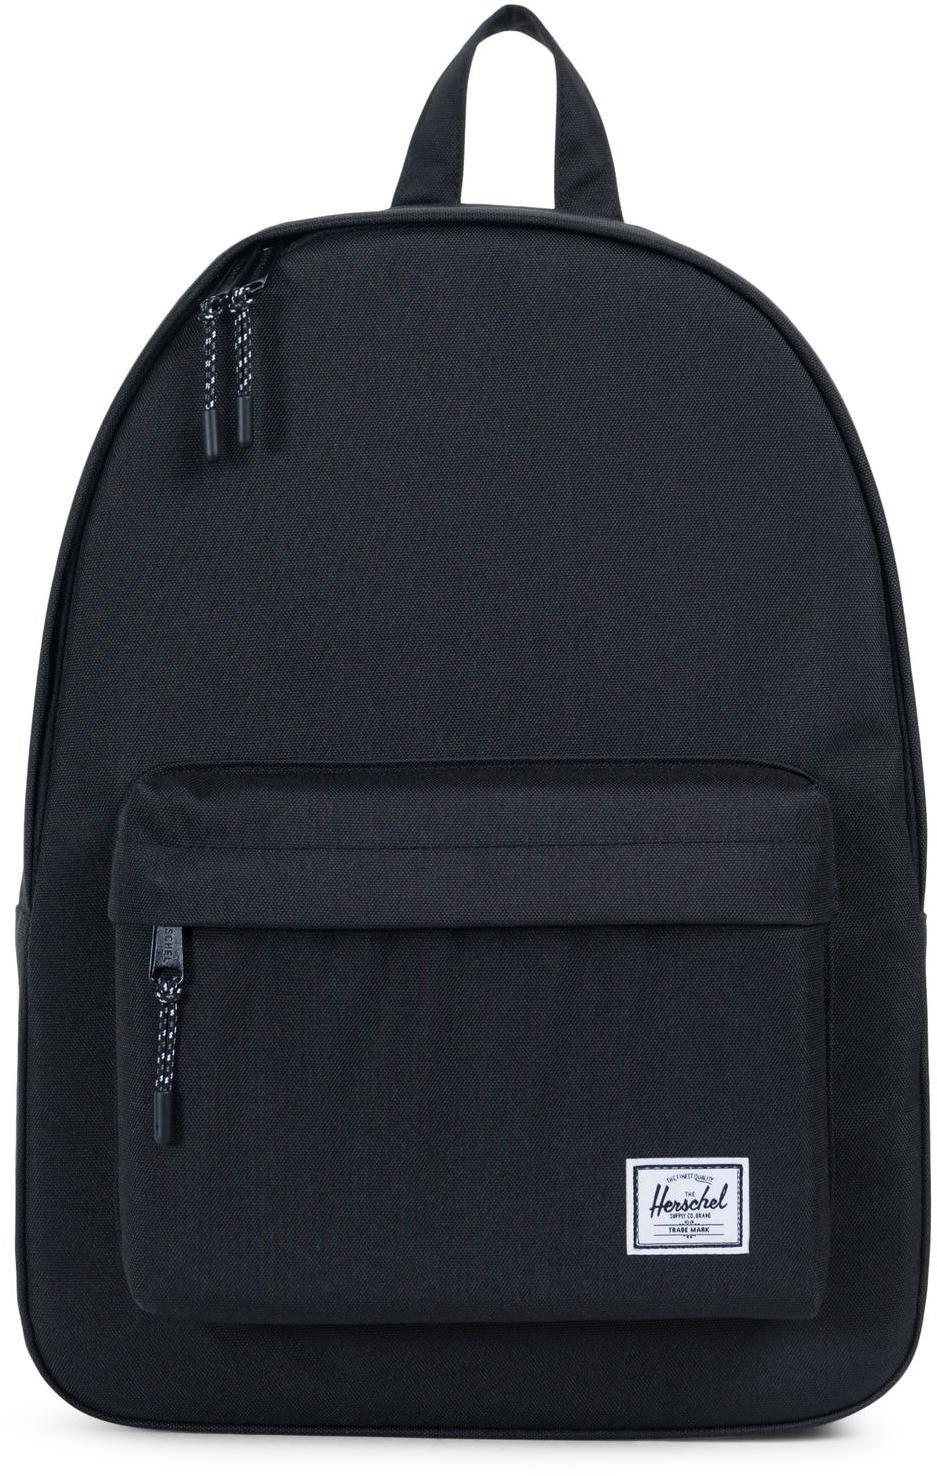 a30e6f44e29 ▷ Herschel Classic Backpack Black online bei Bikester.ch